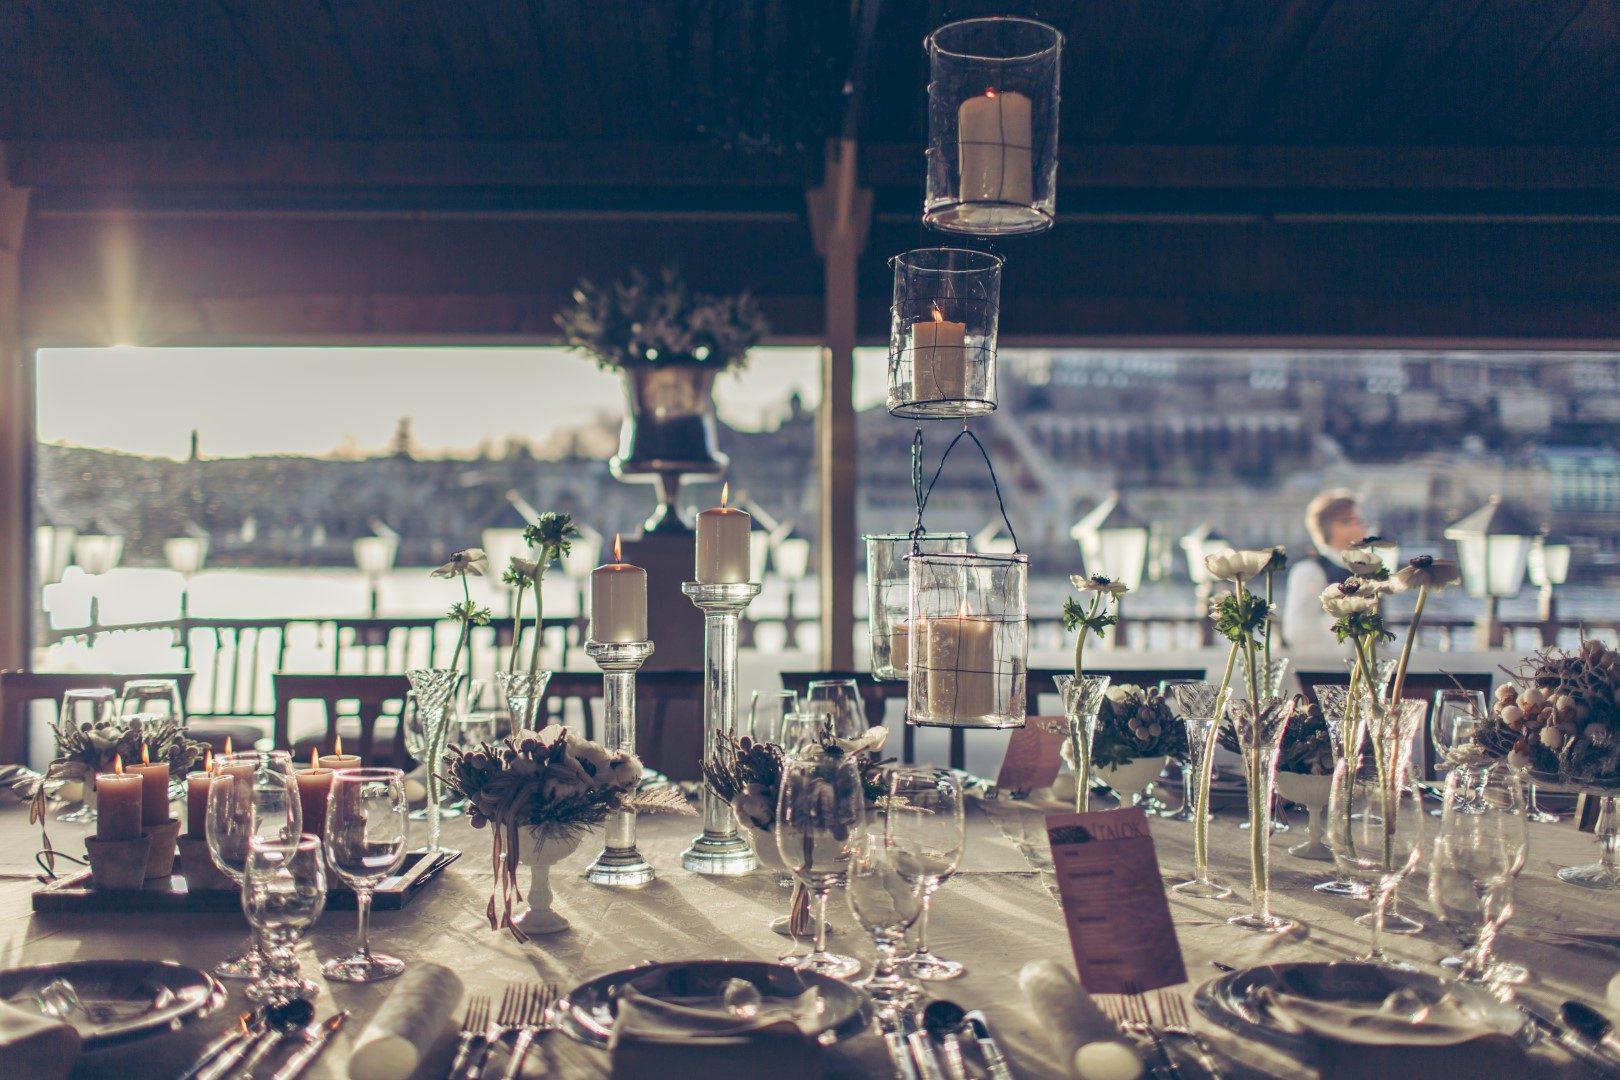 ,gyenes szilvi dekor,téli esküvő,téli esküvői dekor,téli esküvői dekoráció,téli dekor,dekoráció,gyenes szilvia,jaksa tímea